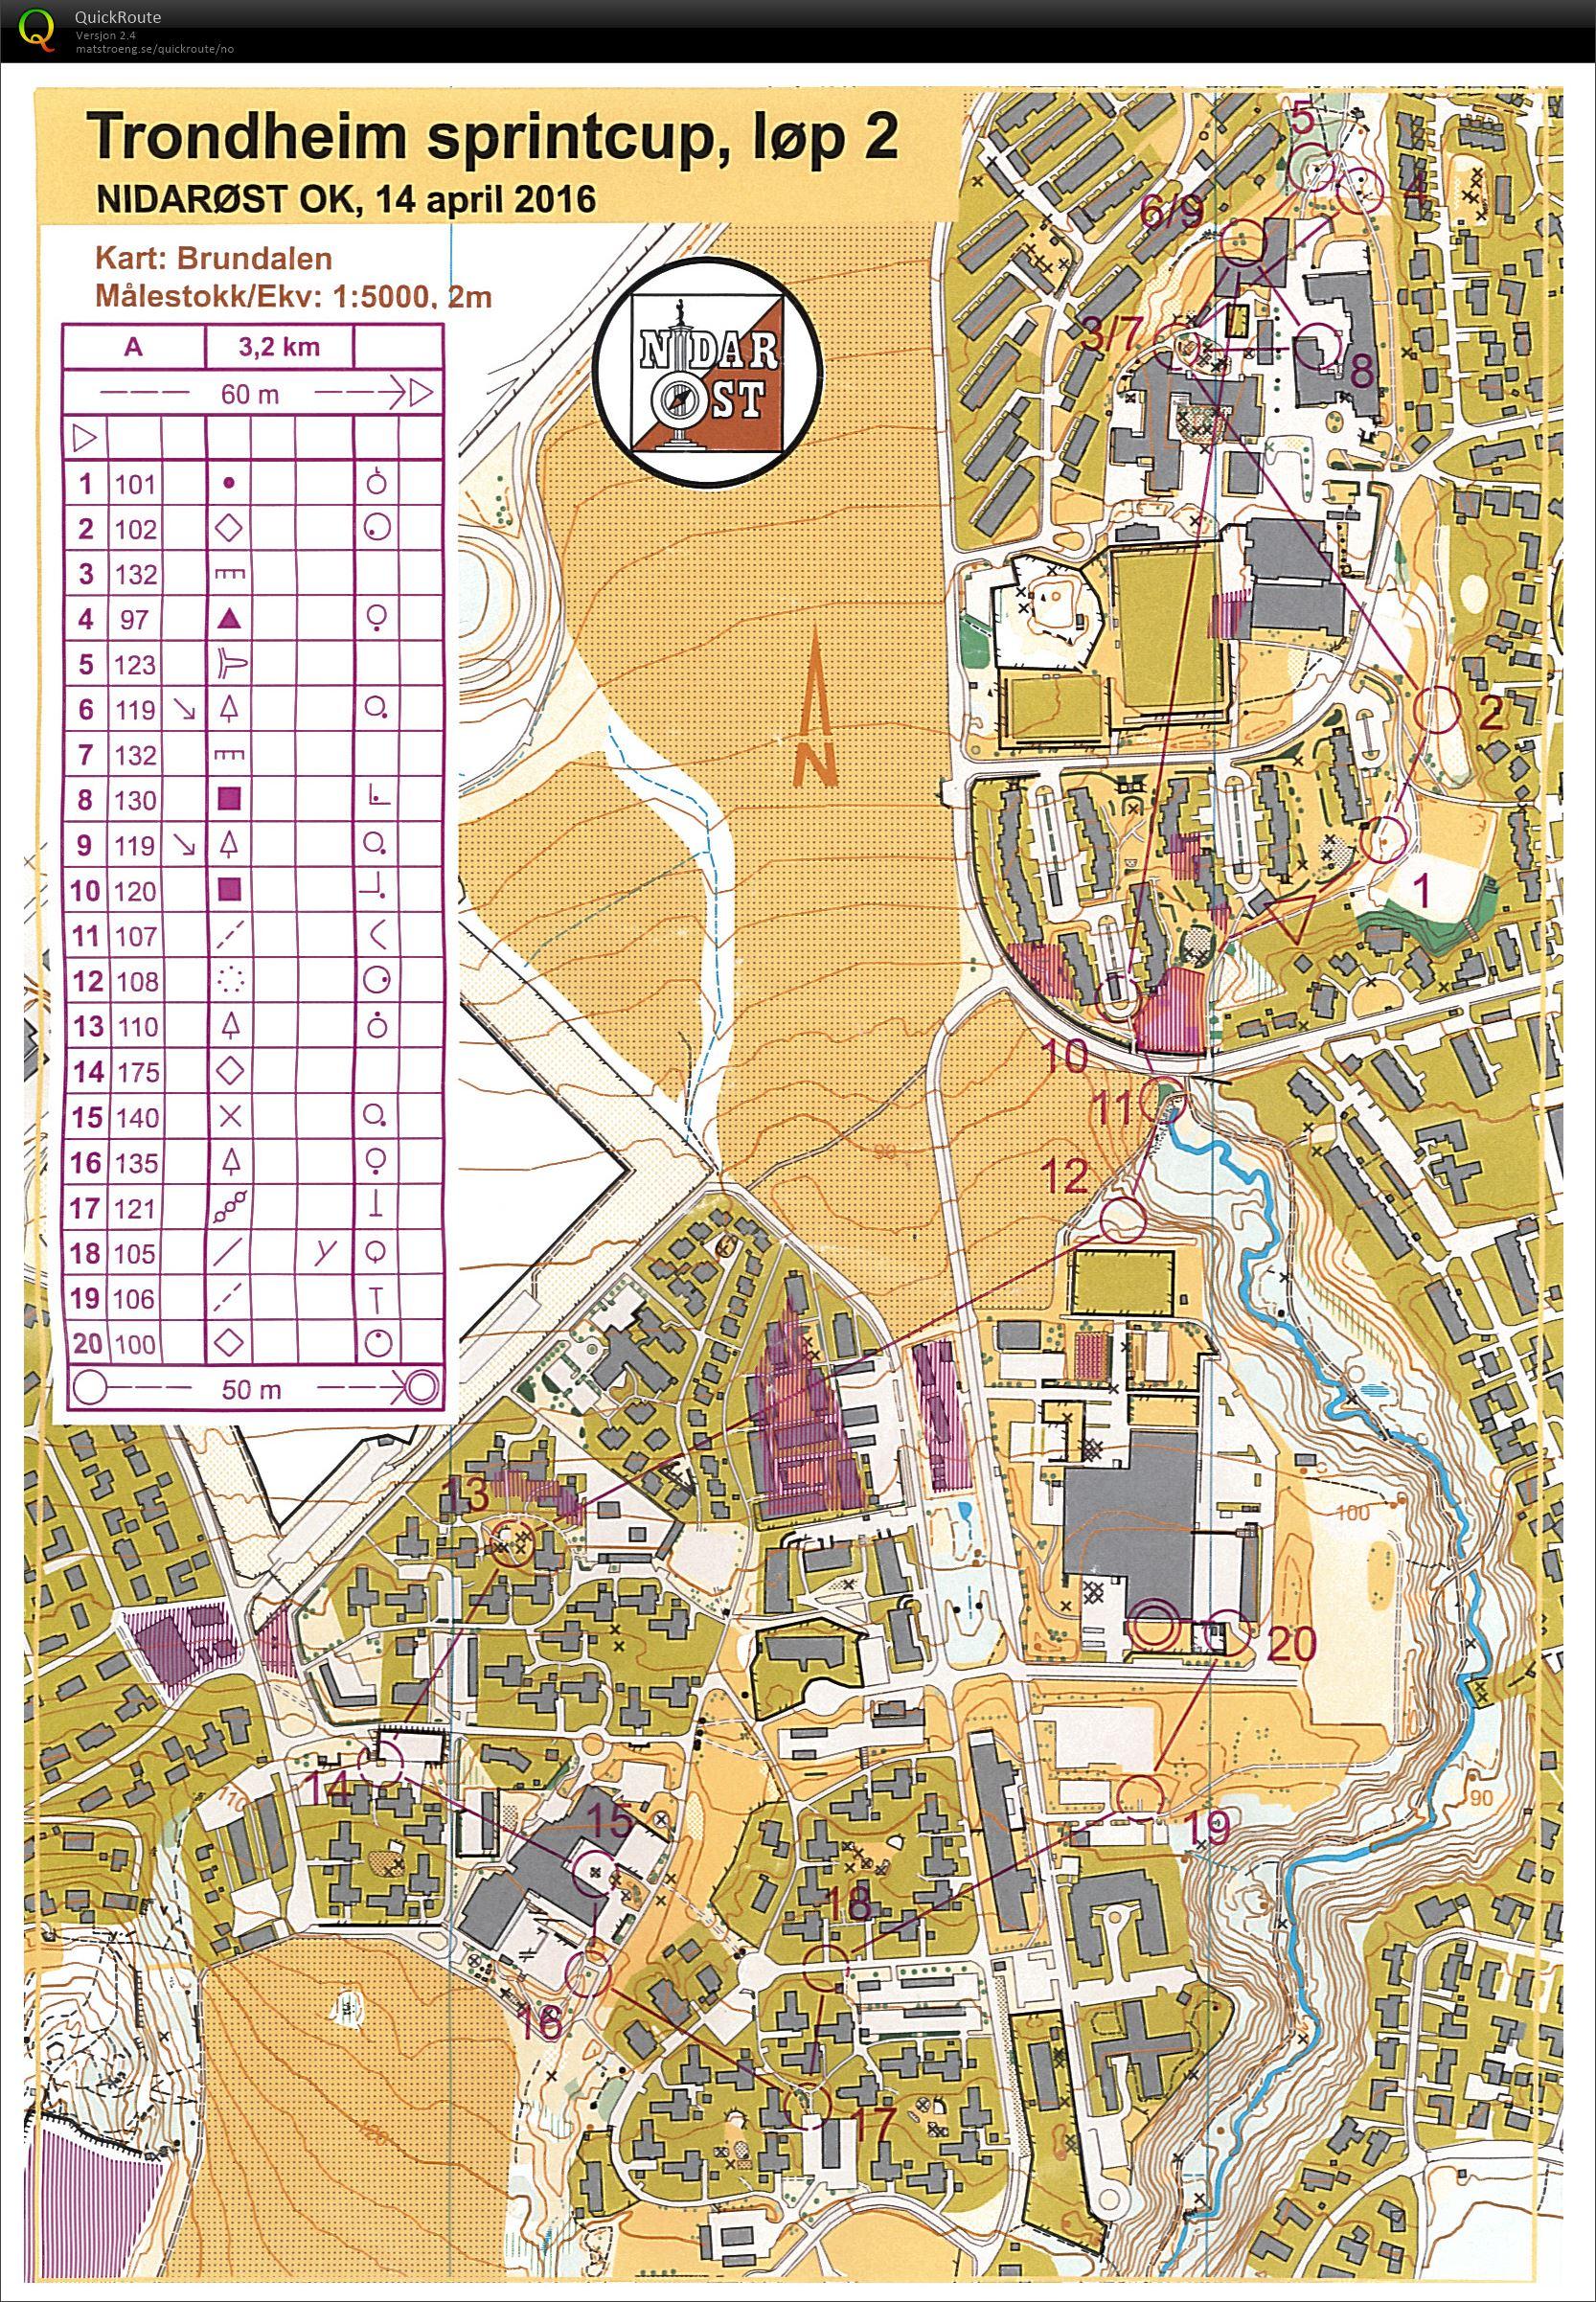 alvøskogen kart Trondheim Sprintcup 2   April 14th 2016   Orienteering Map from  alvøskogen kart